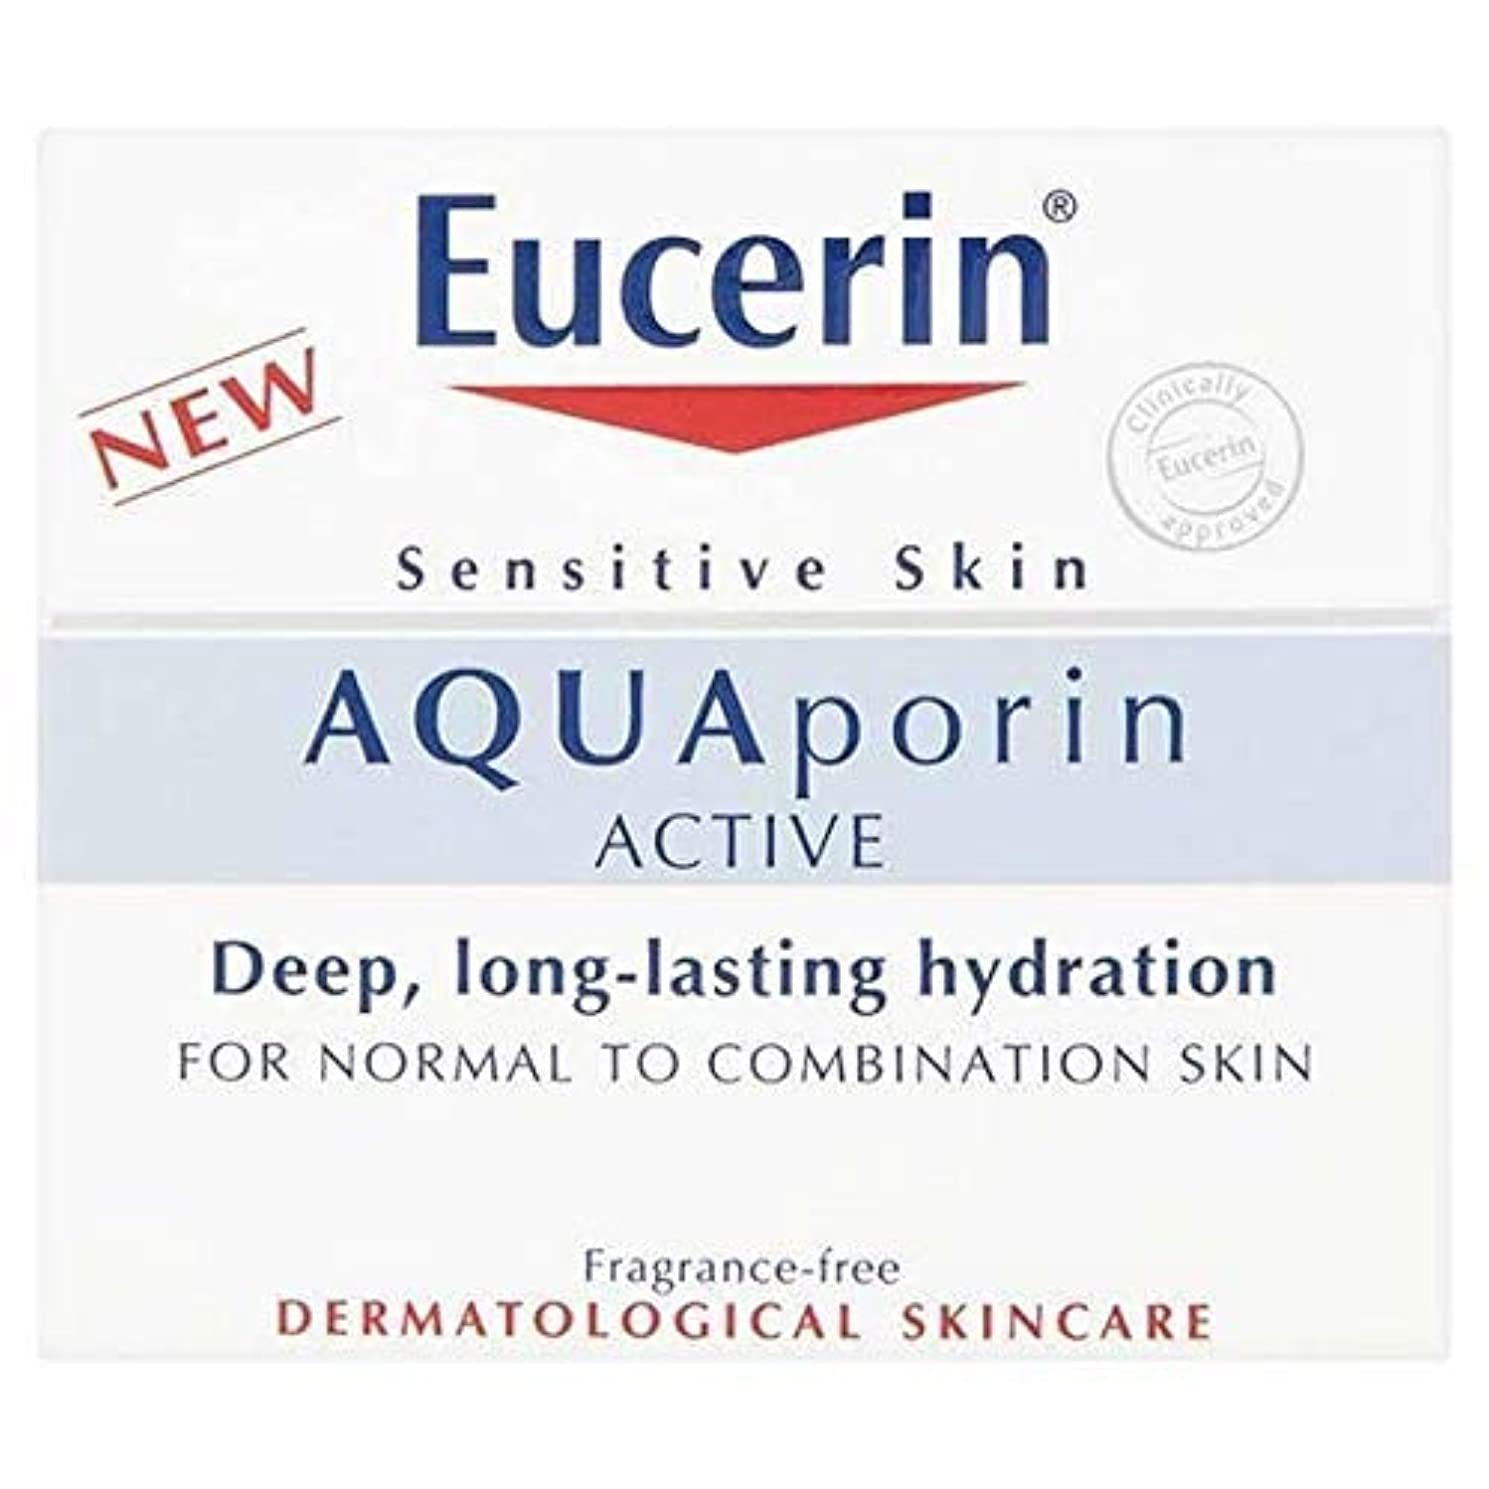 荒野あまりにも先駆者[Eucerin ] ノーマル/櫛皮膚50ミリリットルのためのユーセリンアクアポリンアクティブ水和 - Eucerin Aquaporin Active Hydration for Normal/Comb Skin 50ml...